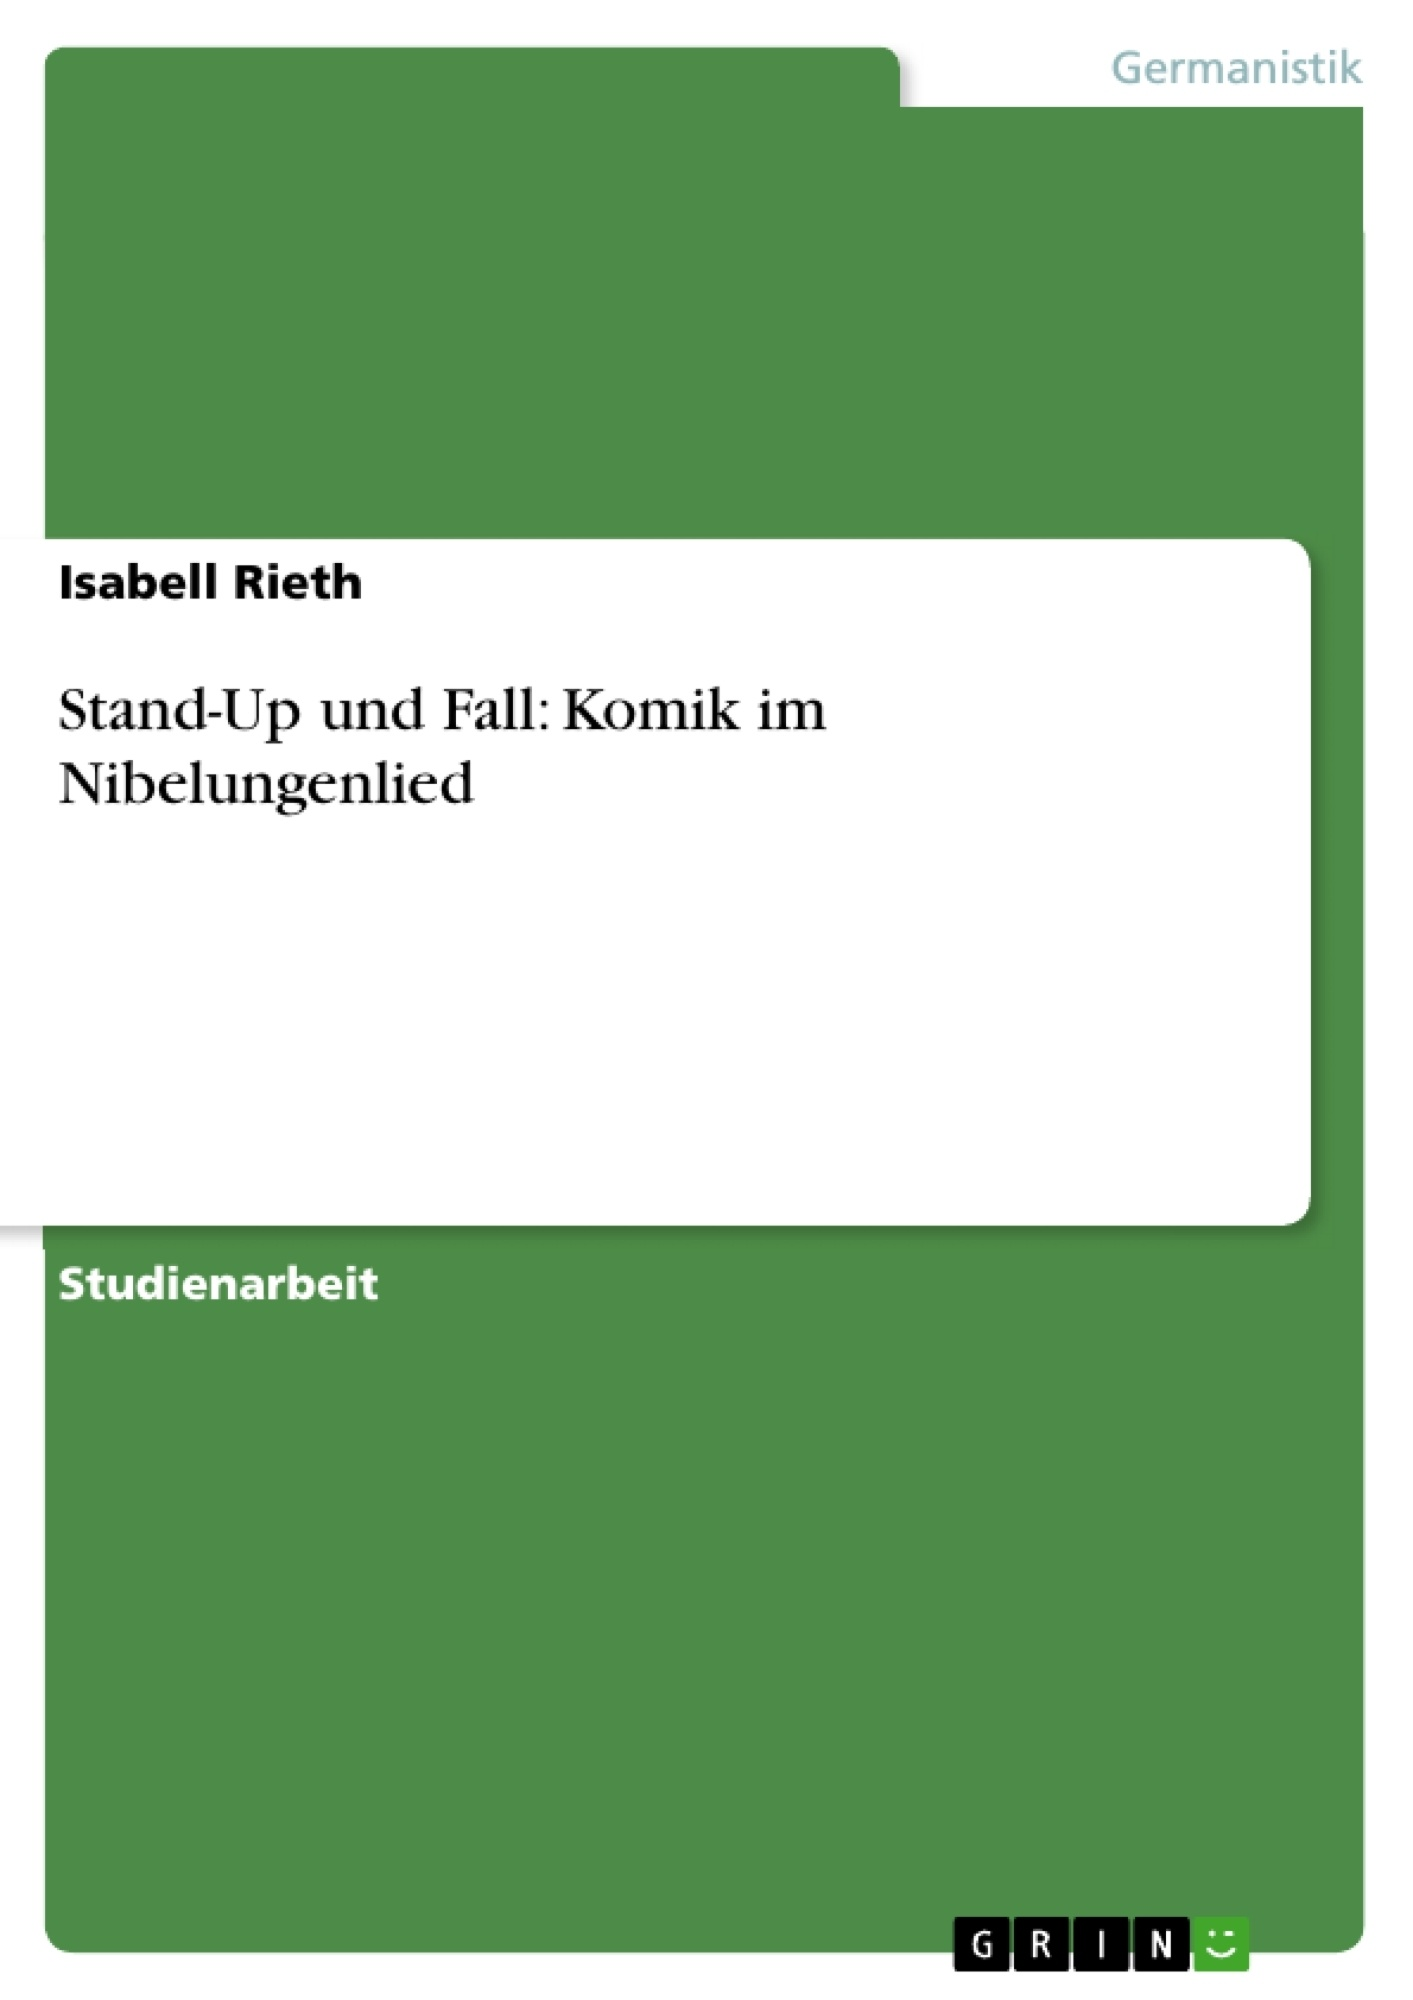 Titel: Stand-Up und Fall: Komik im Nibelungenlied